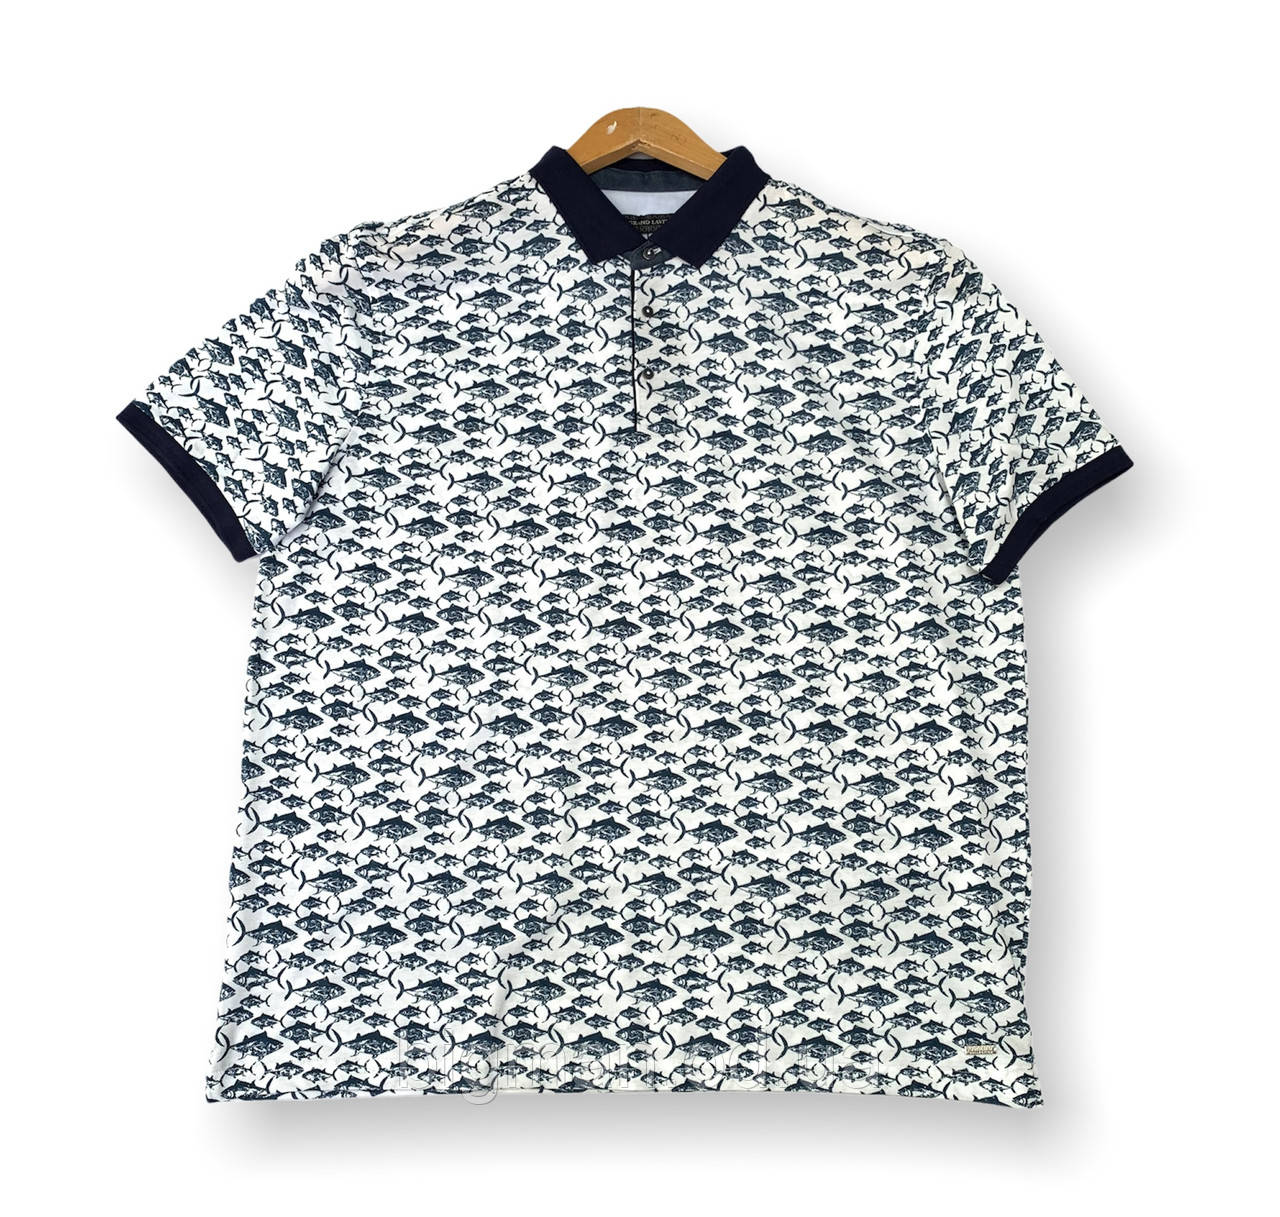 Мужская футболка с воротником поло тениска батал (большие размеры 4XL 7XL) Grand la Vita, Турция